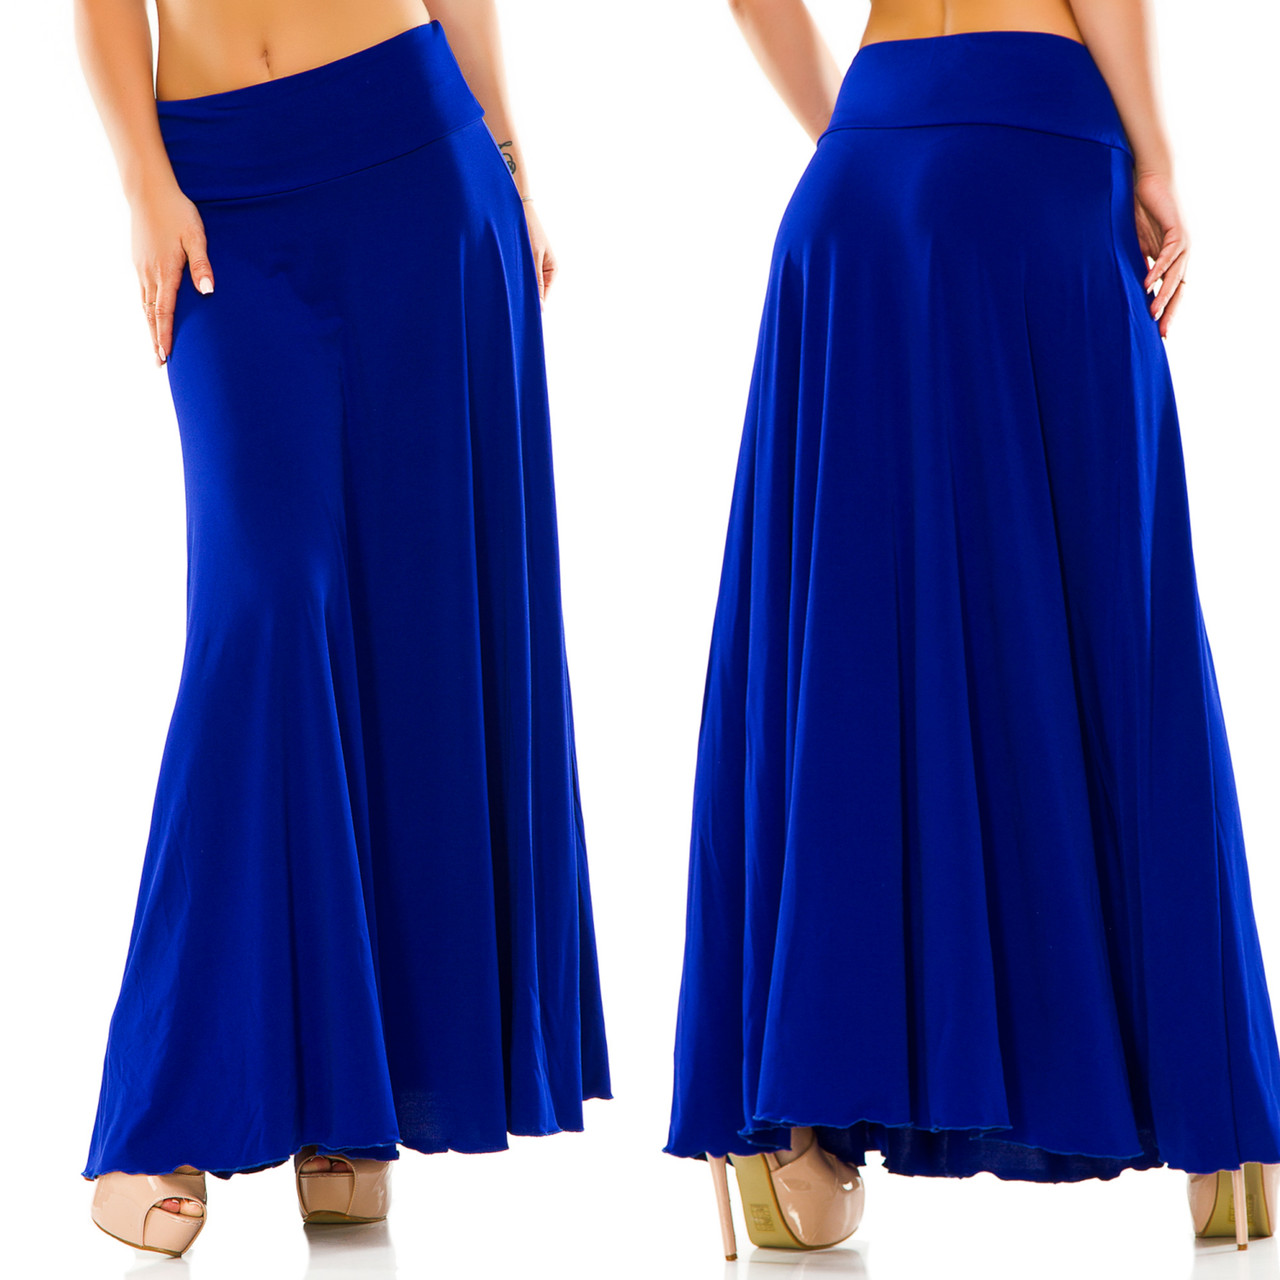 558a2c683a5 Стильная женская длинная юбка в больших размерах 5025